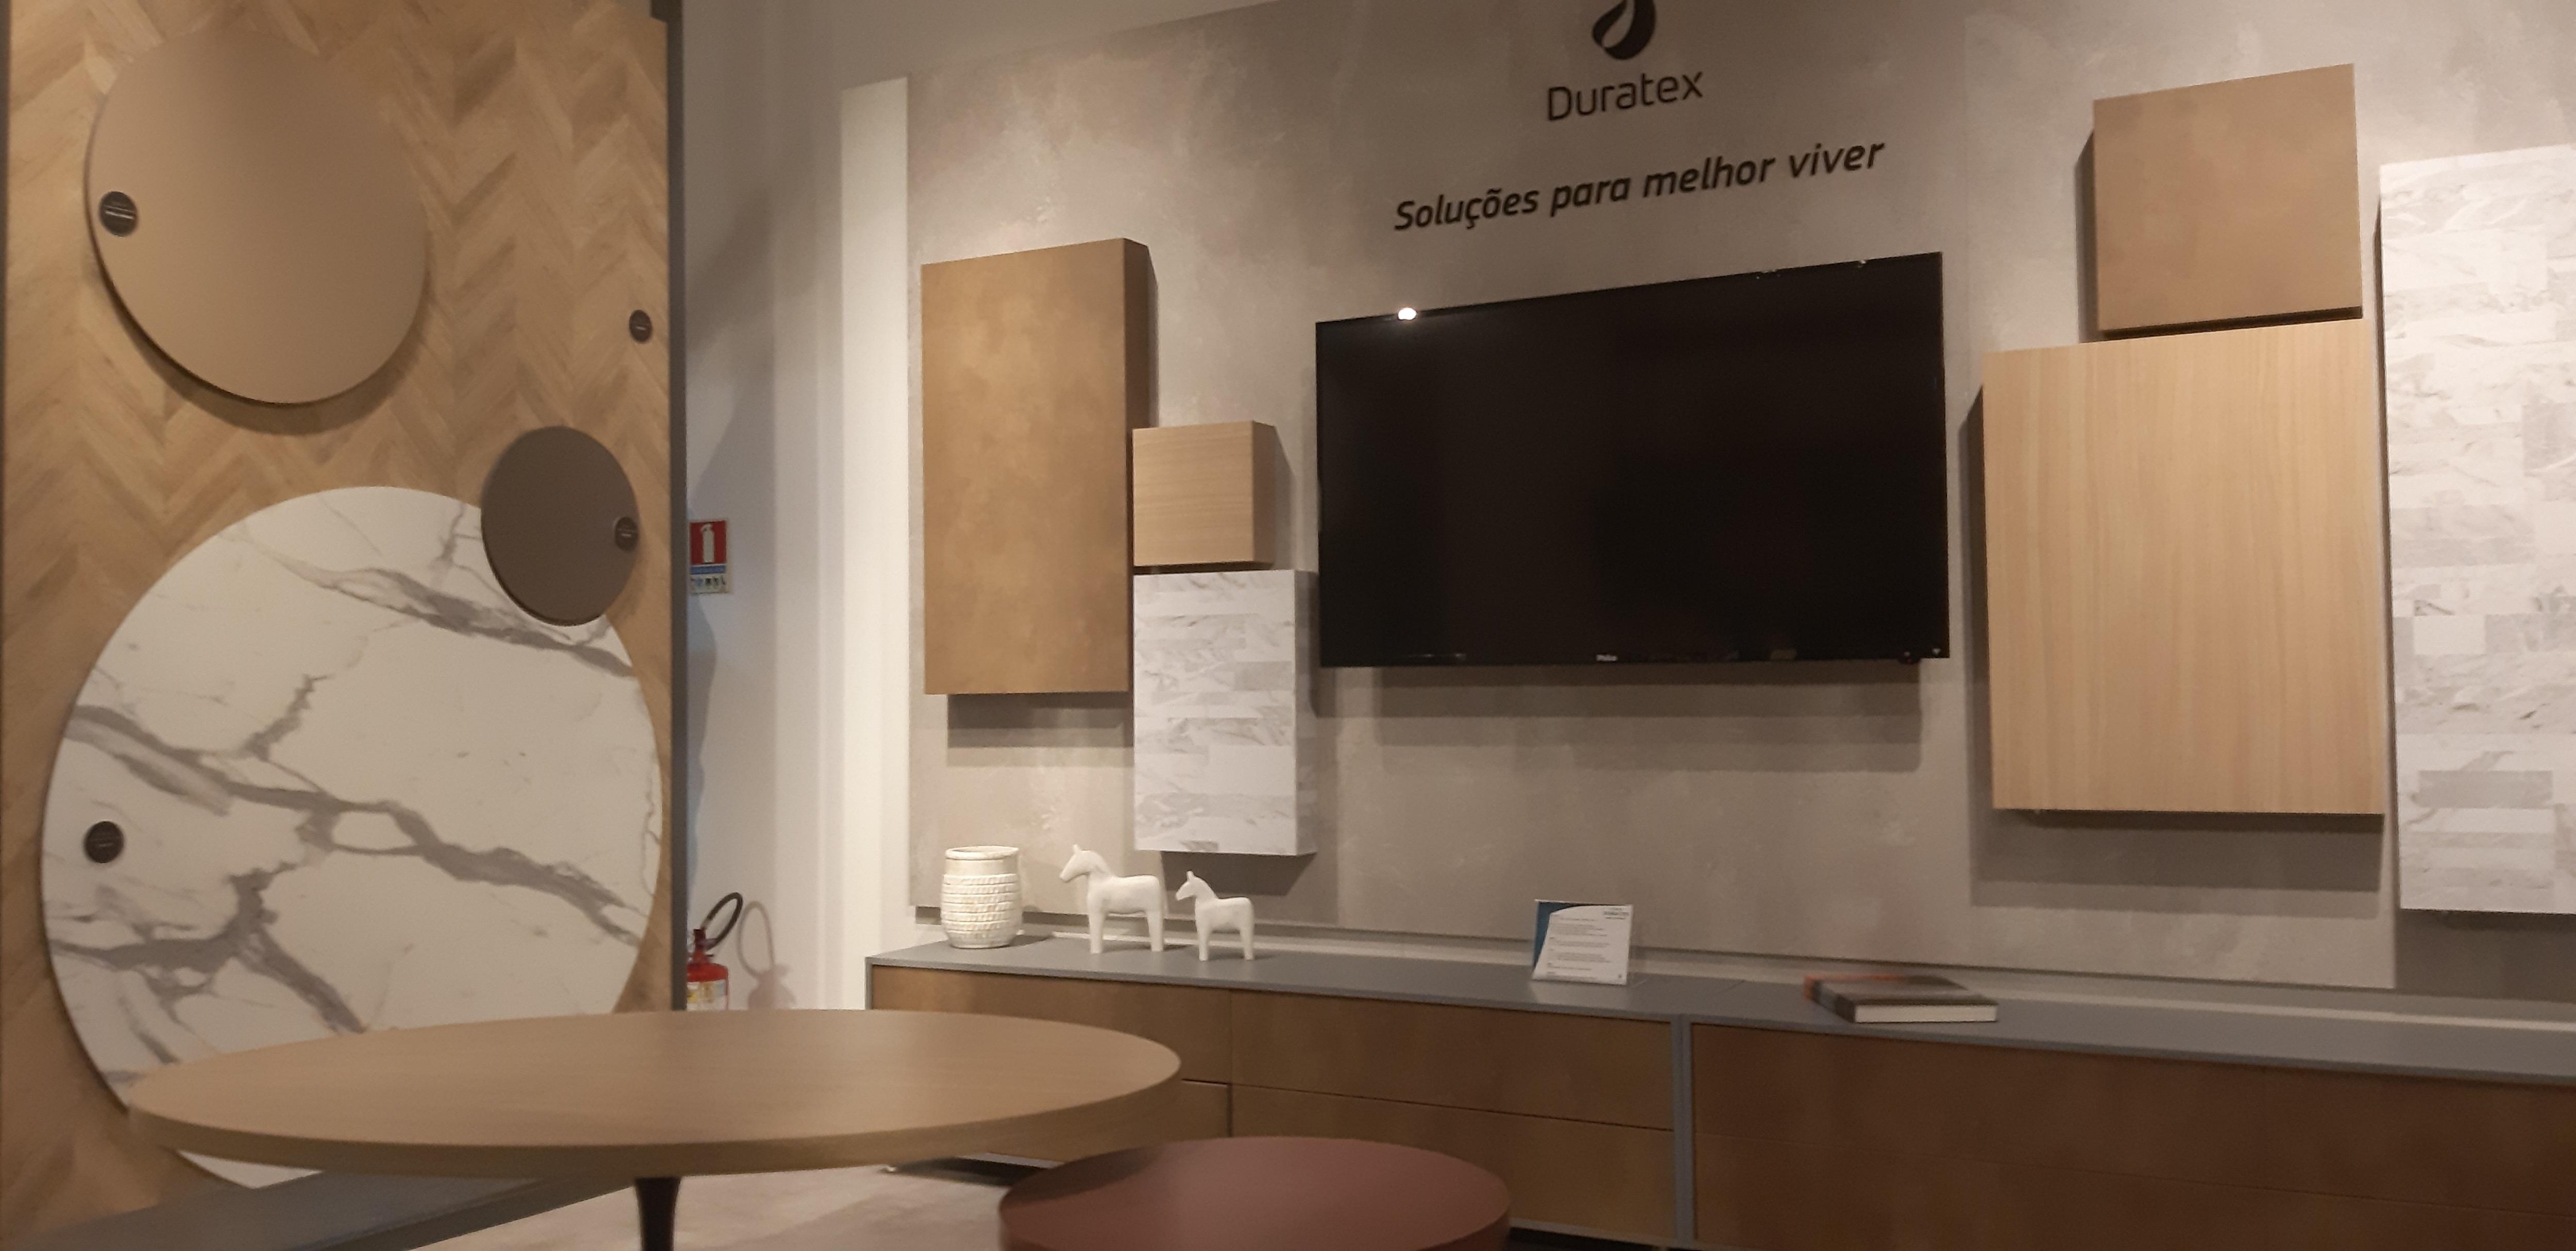 imagem interna do showroom Duratex unidade de Itapetininga